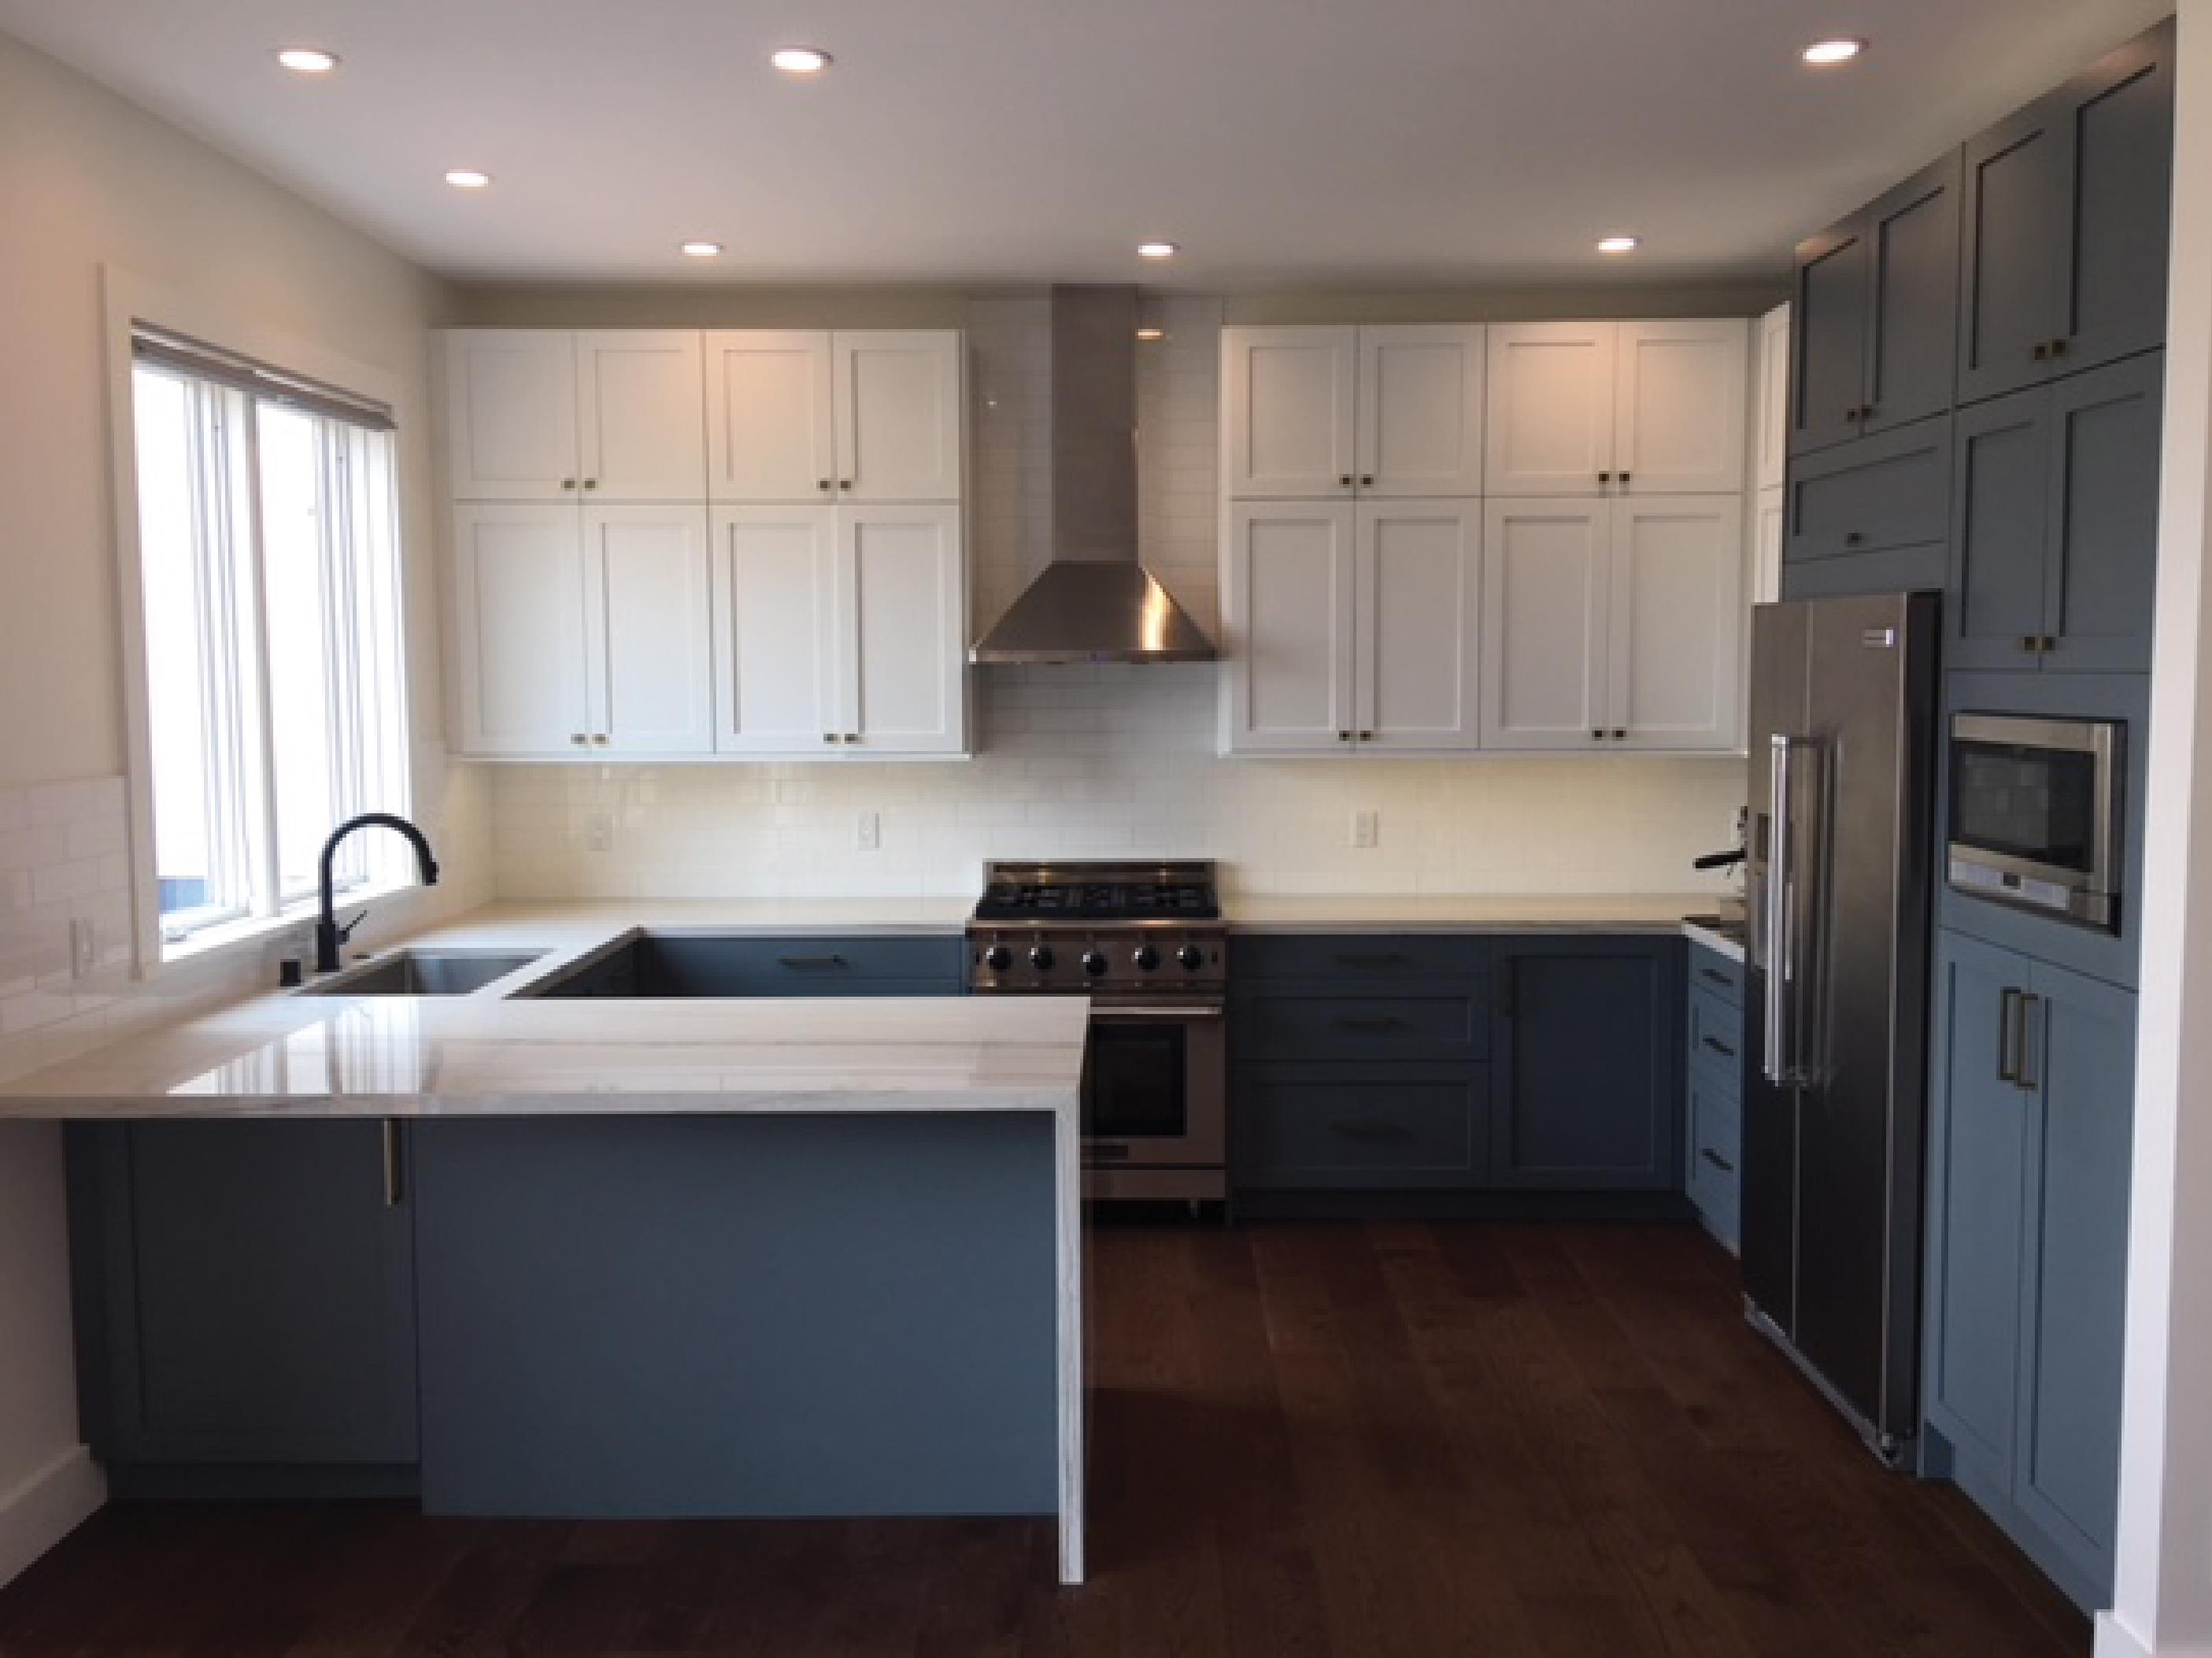 Finished-IKEA-kitchen